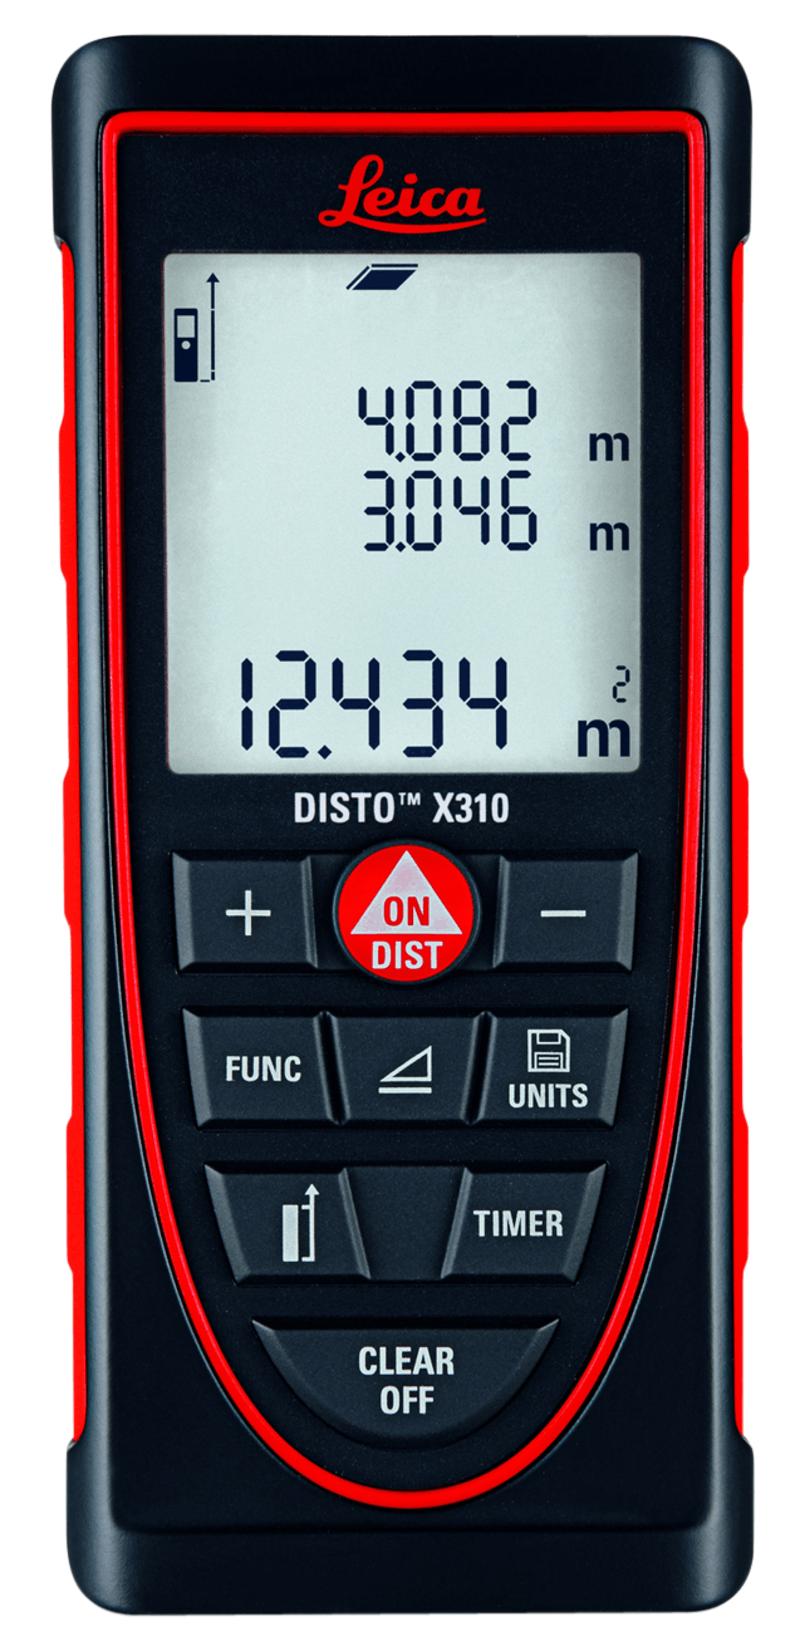 Handlasermessgerät DISTO X310